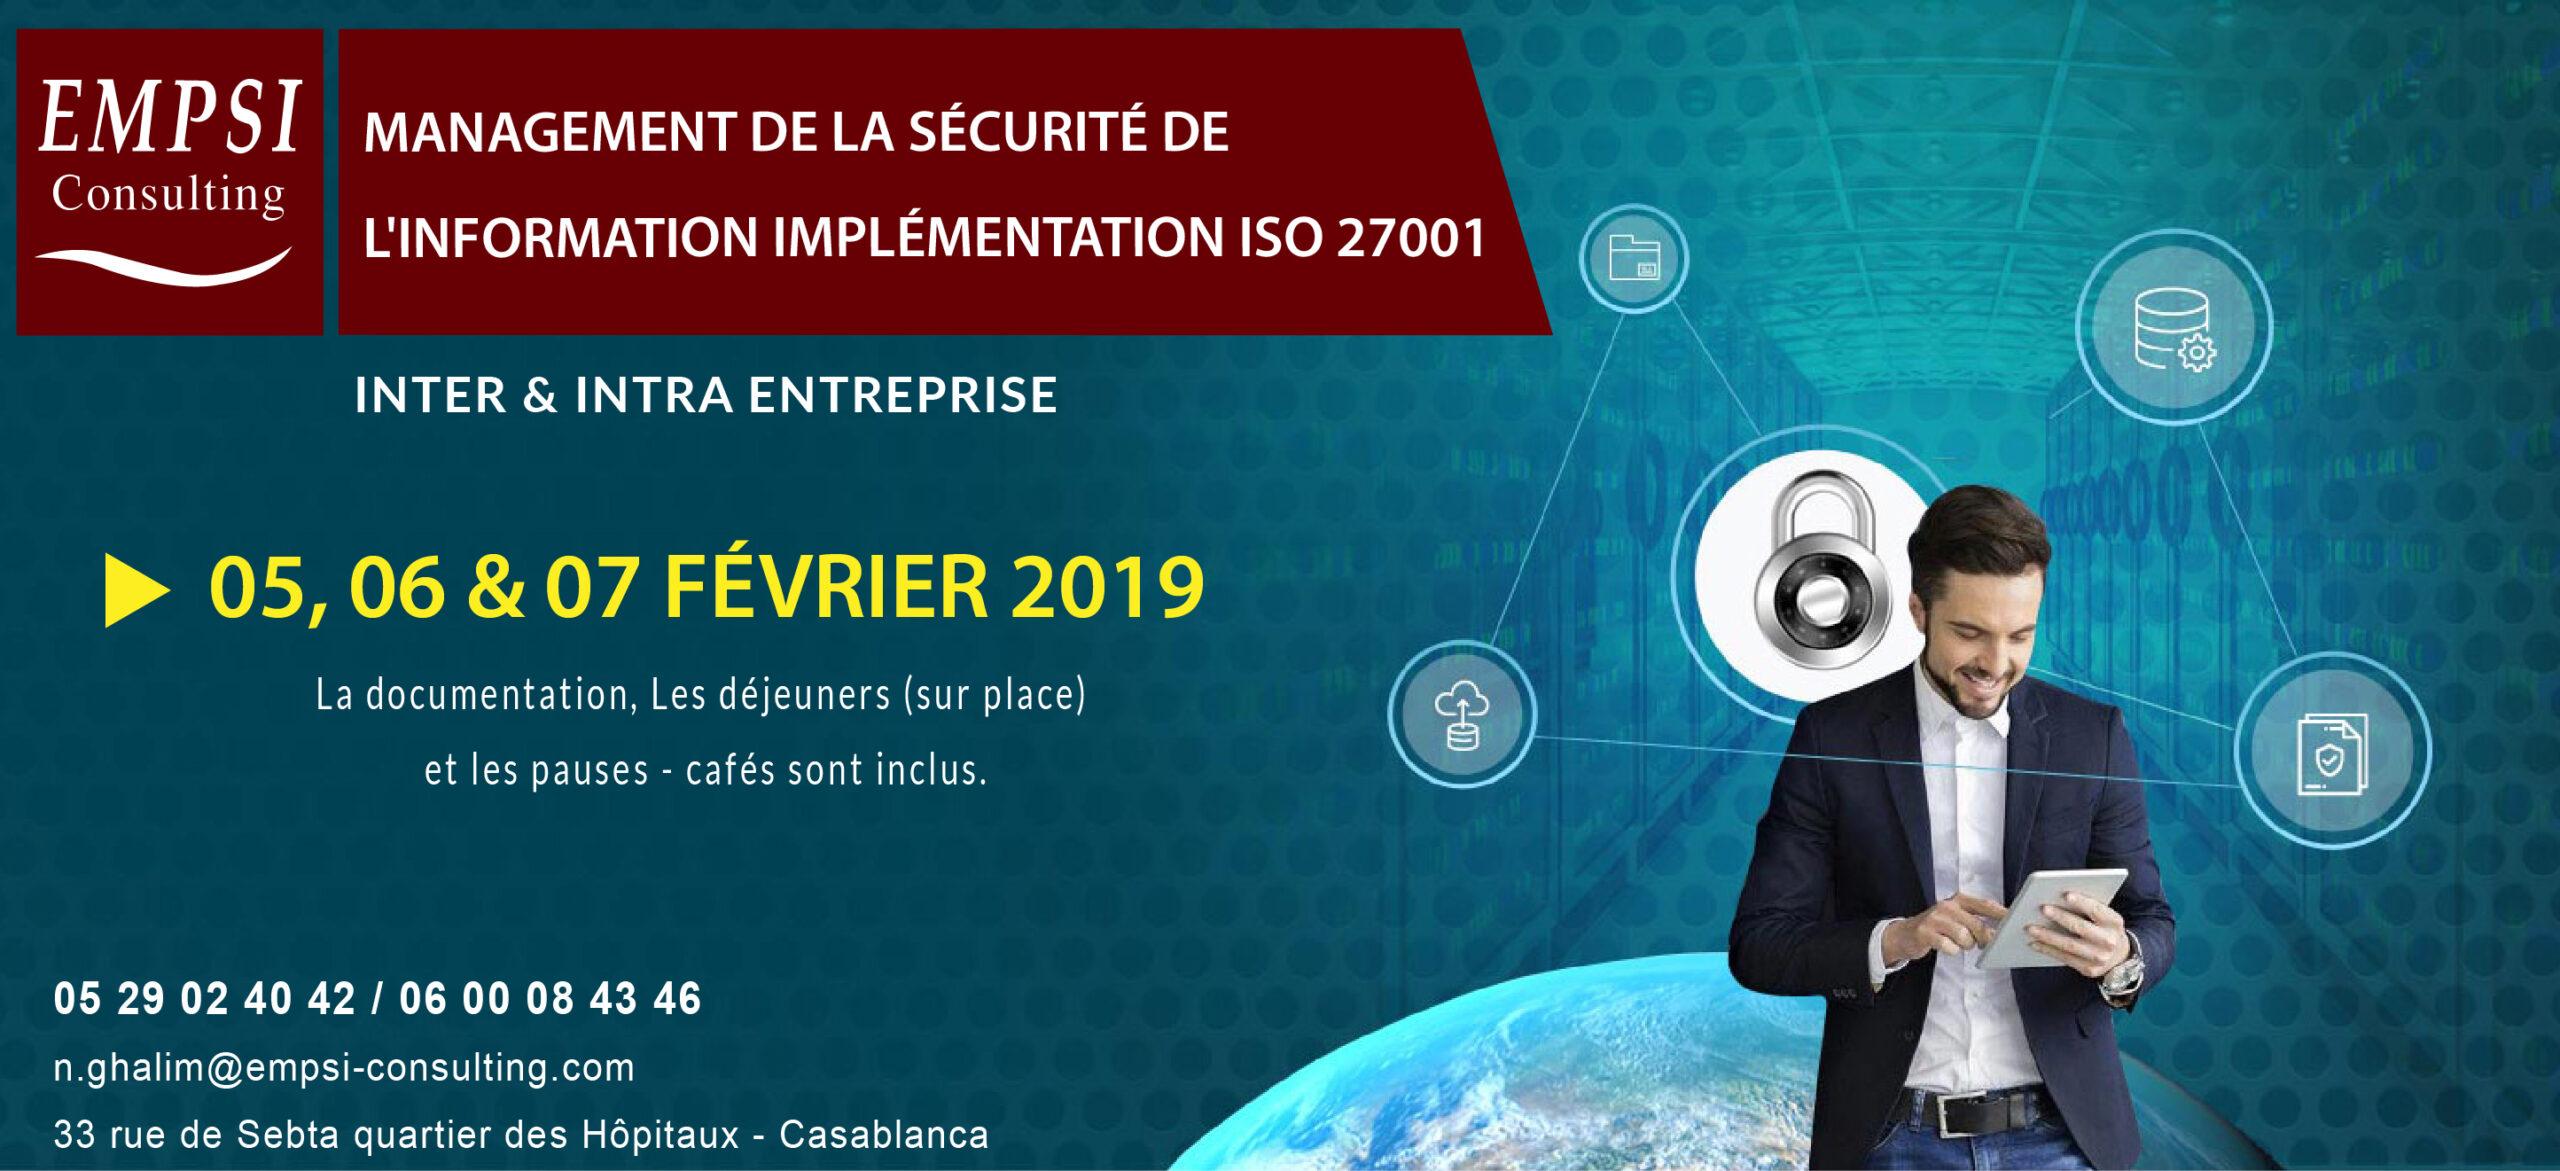 management de la sécurité de l'information implémentation iso 27001